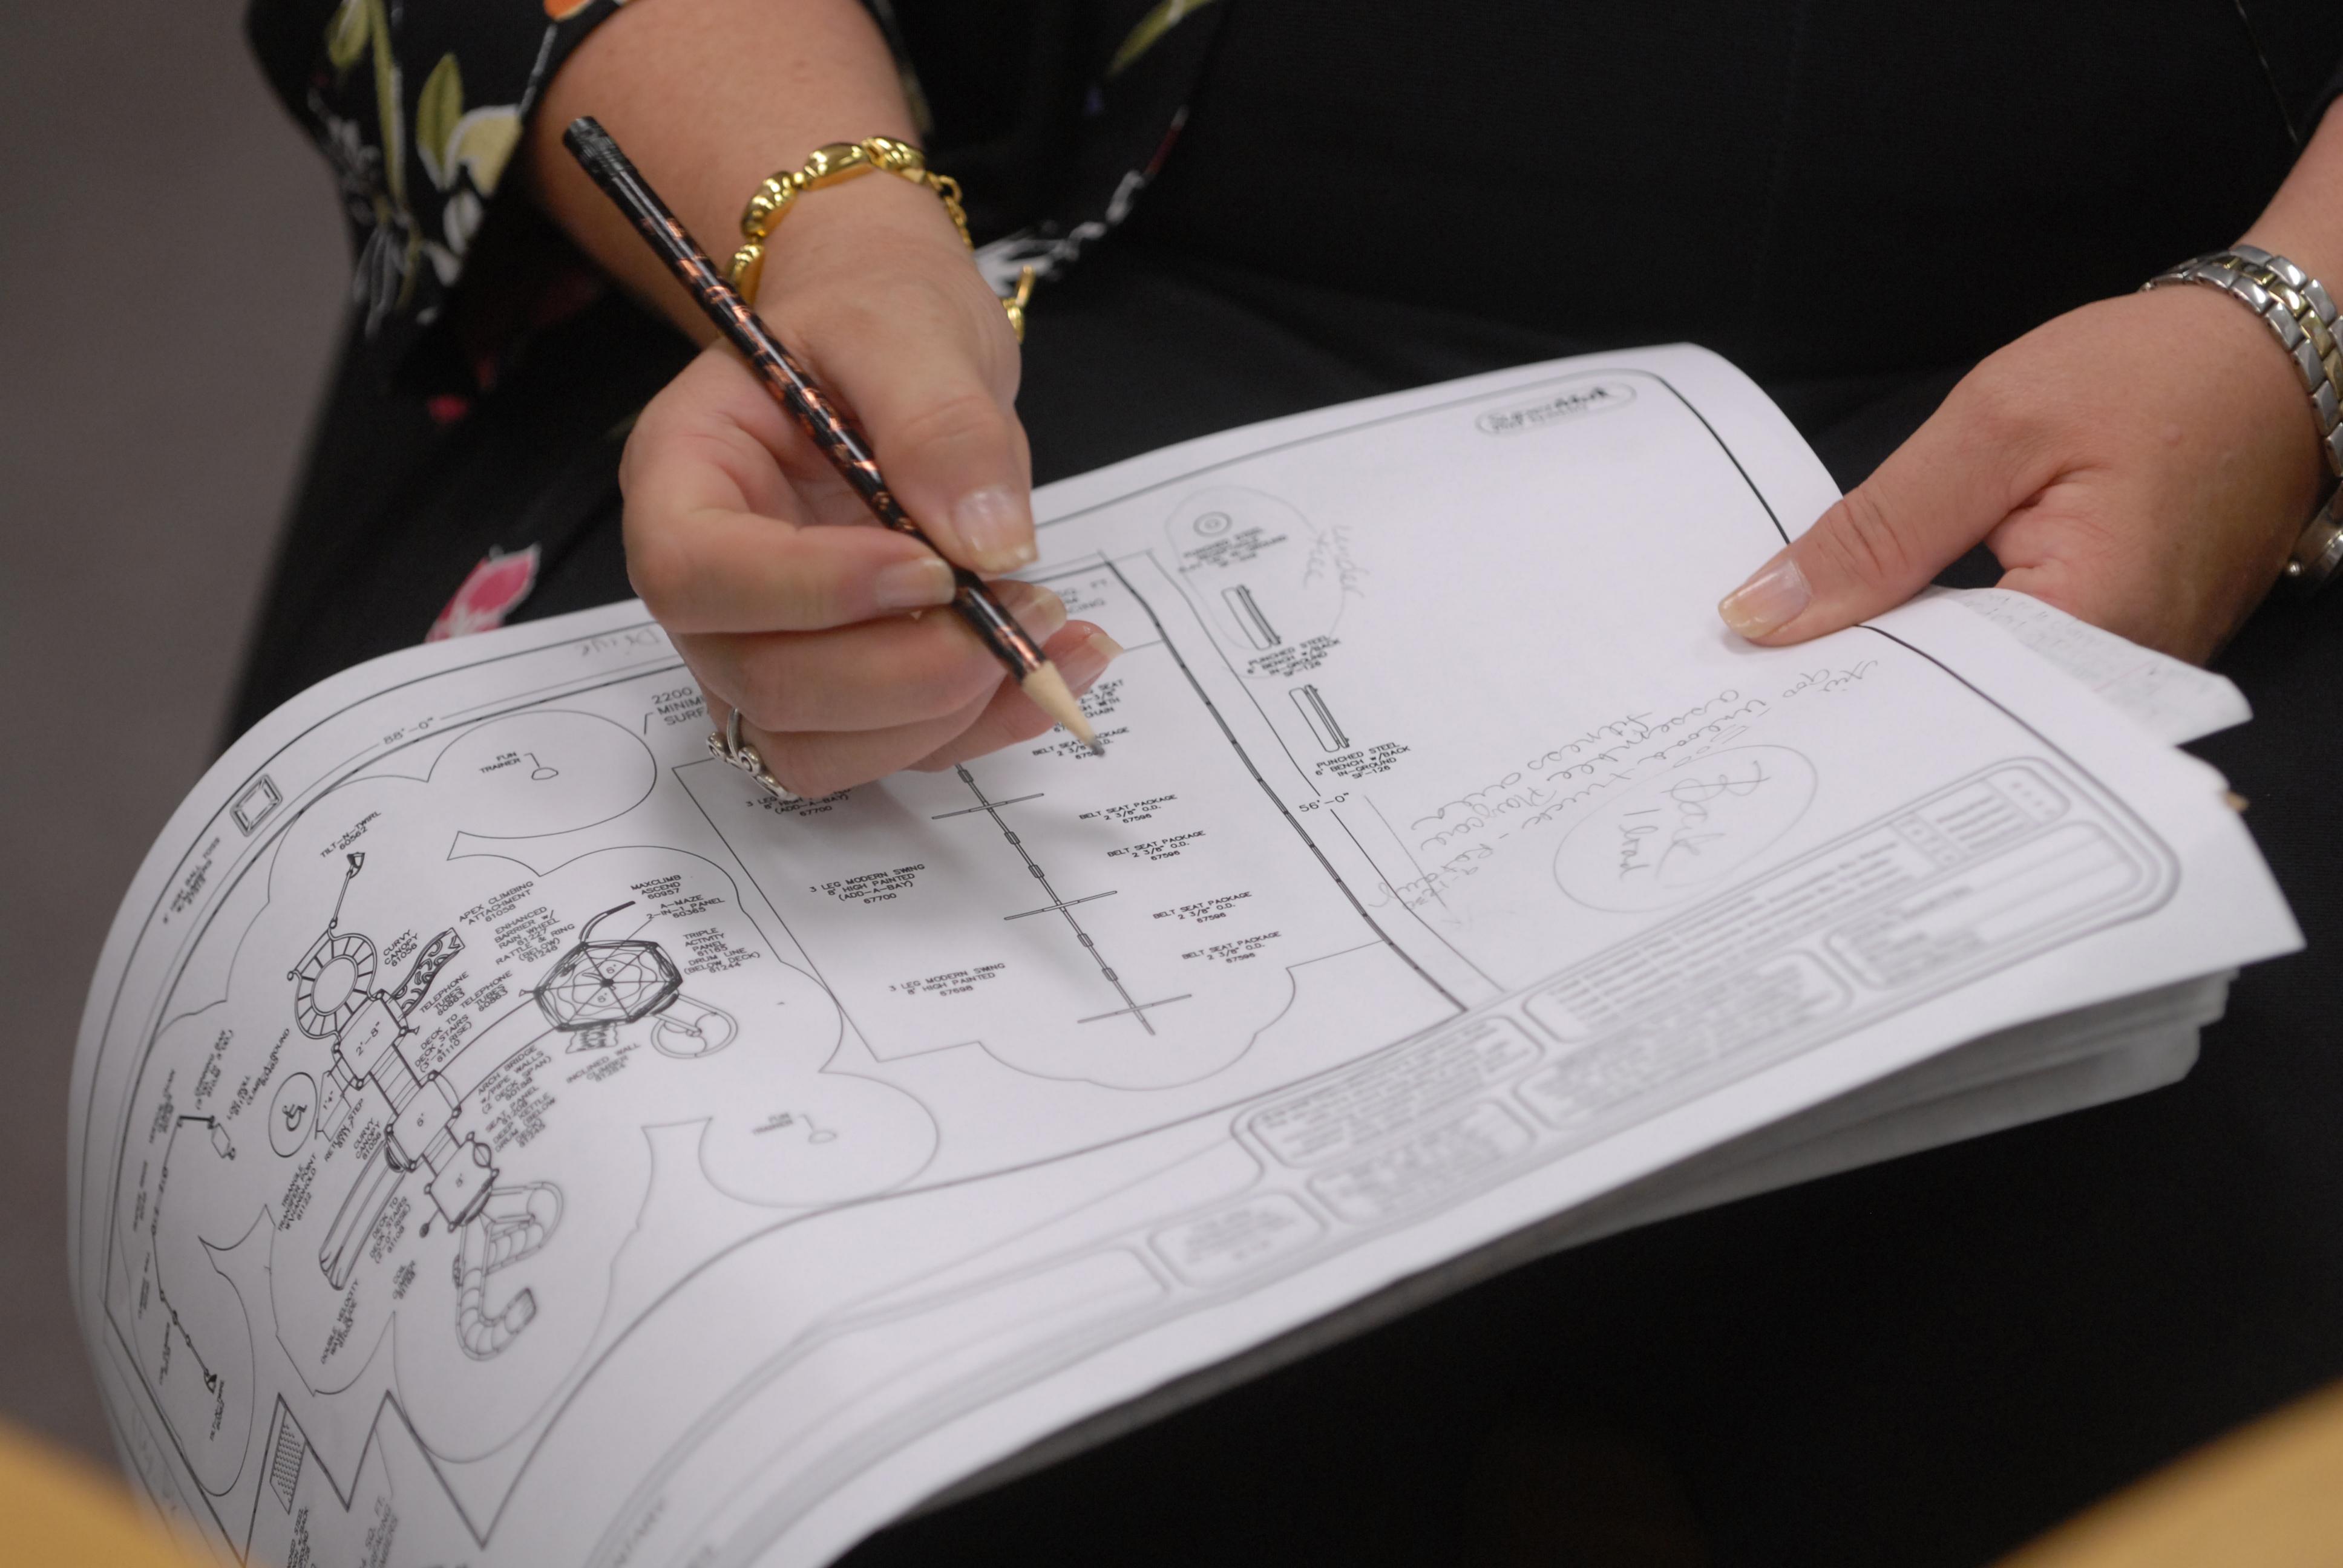 Blueprint-Design-it.jpg#asset:5415